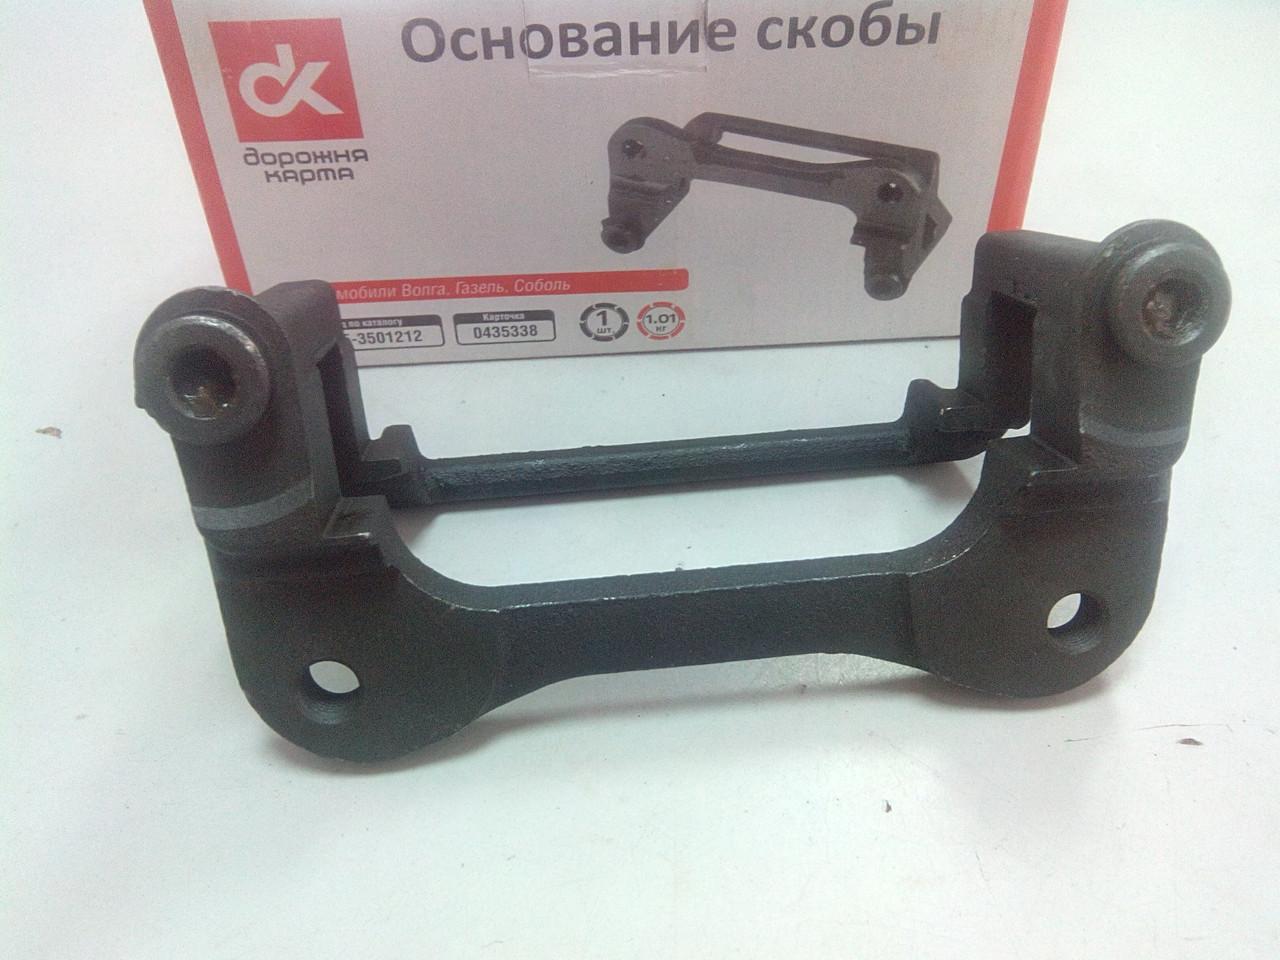 Основание скобы ГАЗ 3302, 3110